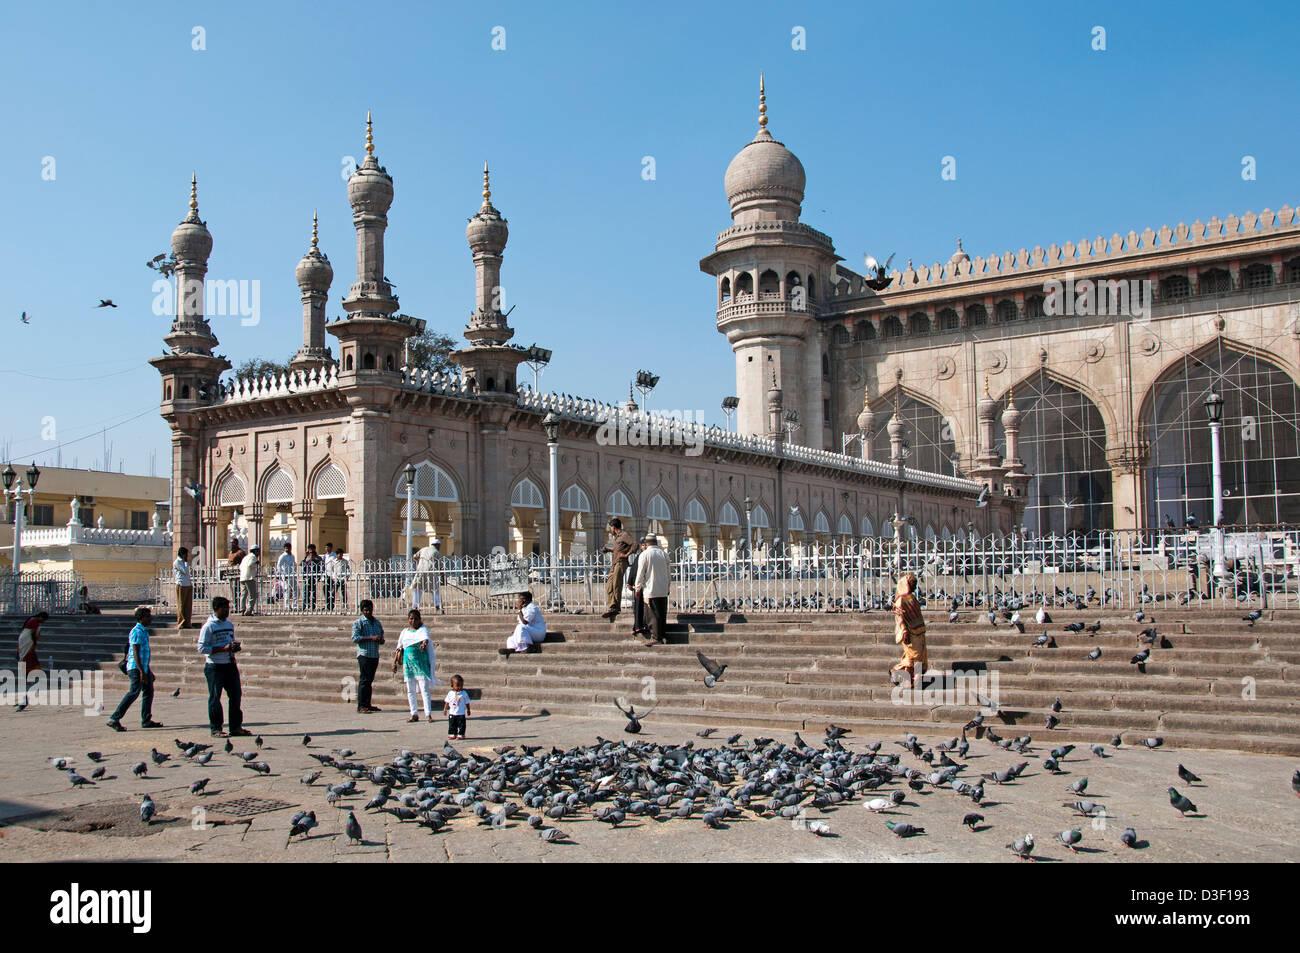 La moschea di Mecca vicino Charminar Hyderabad India Andhra Pradesh Immagini Stock